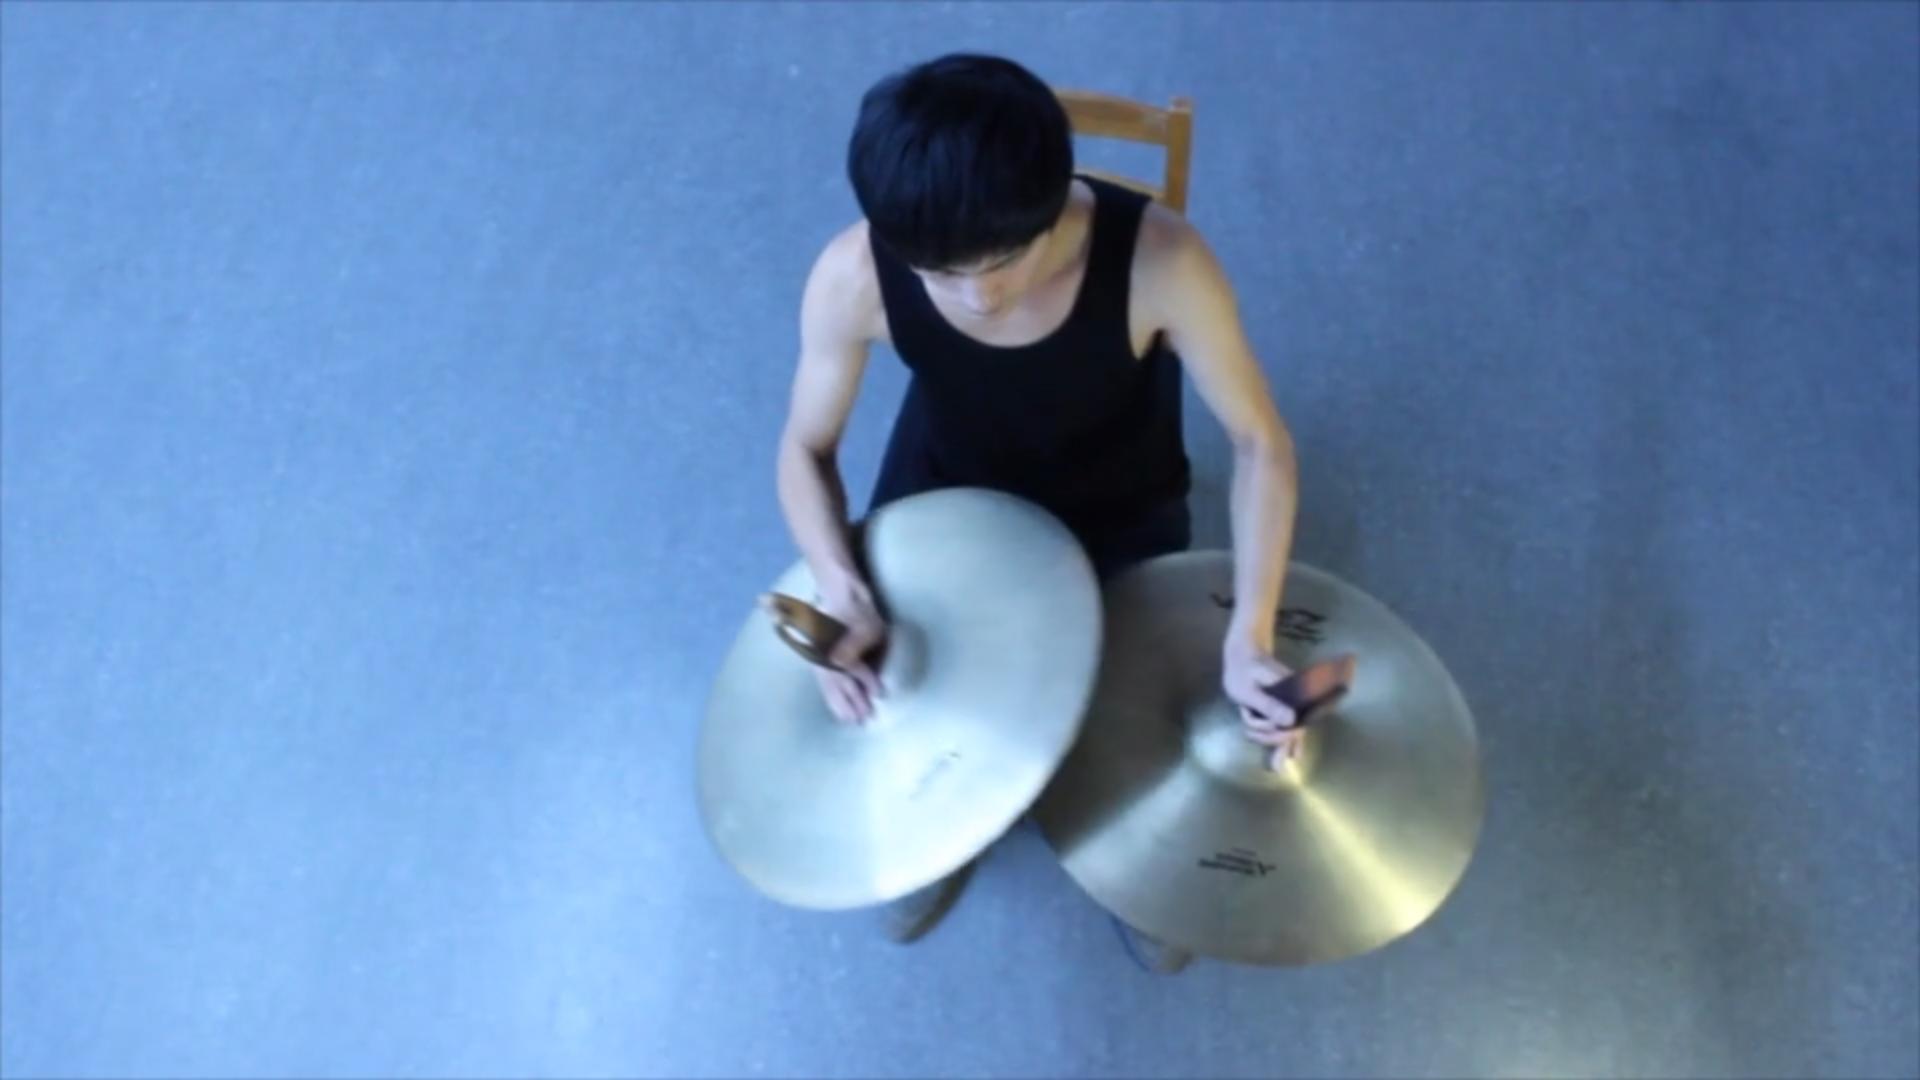 Cheng-Wen Chen